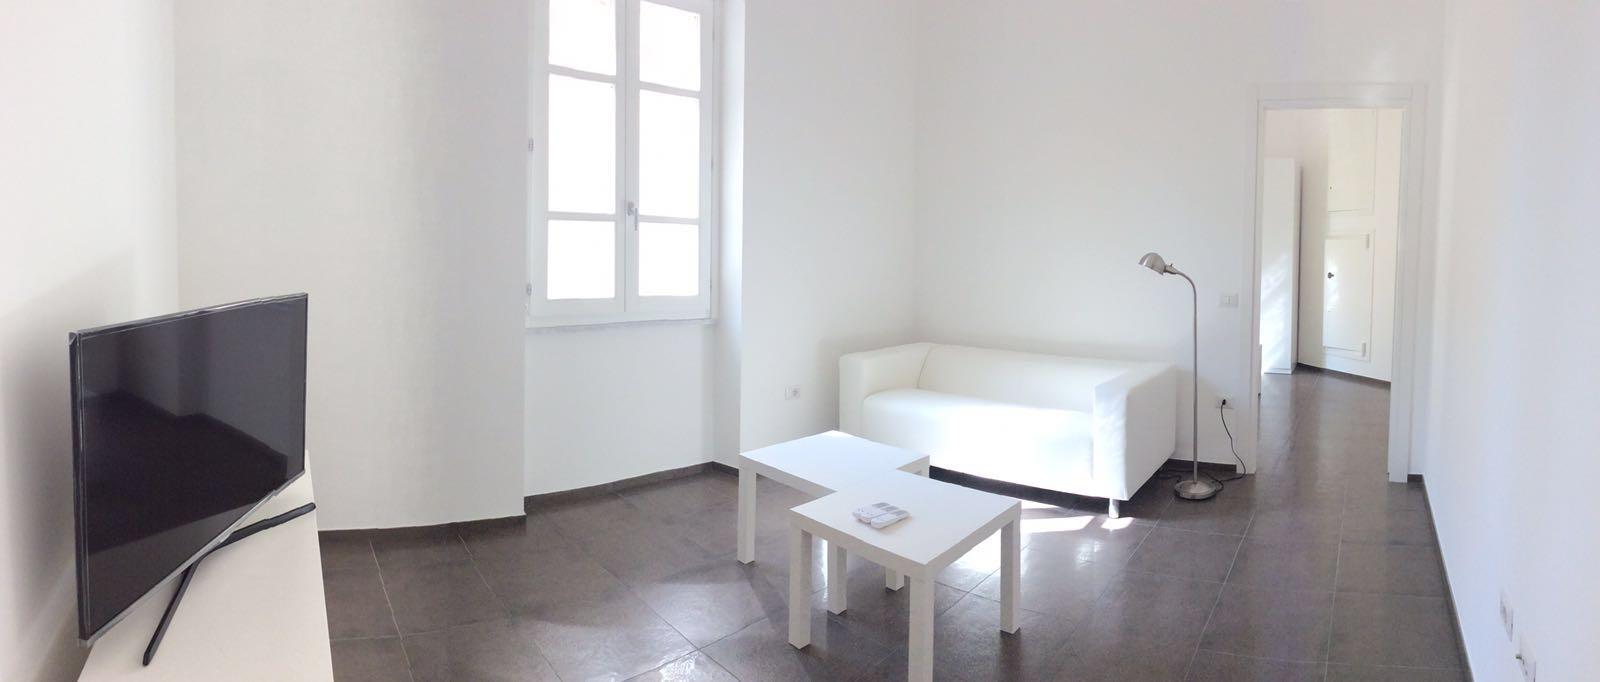 Appartamento in affitto a Cagliari, 2 locali, zona Zona: Marina, prezzo € 750 | Cambio Casa.it